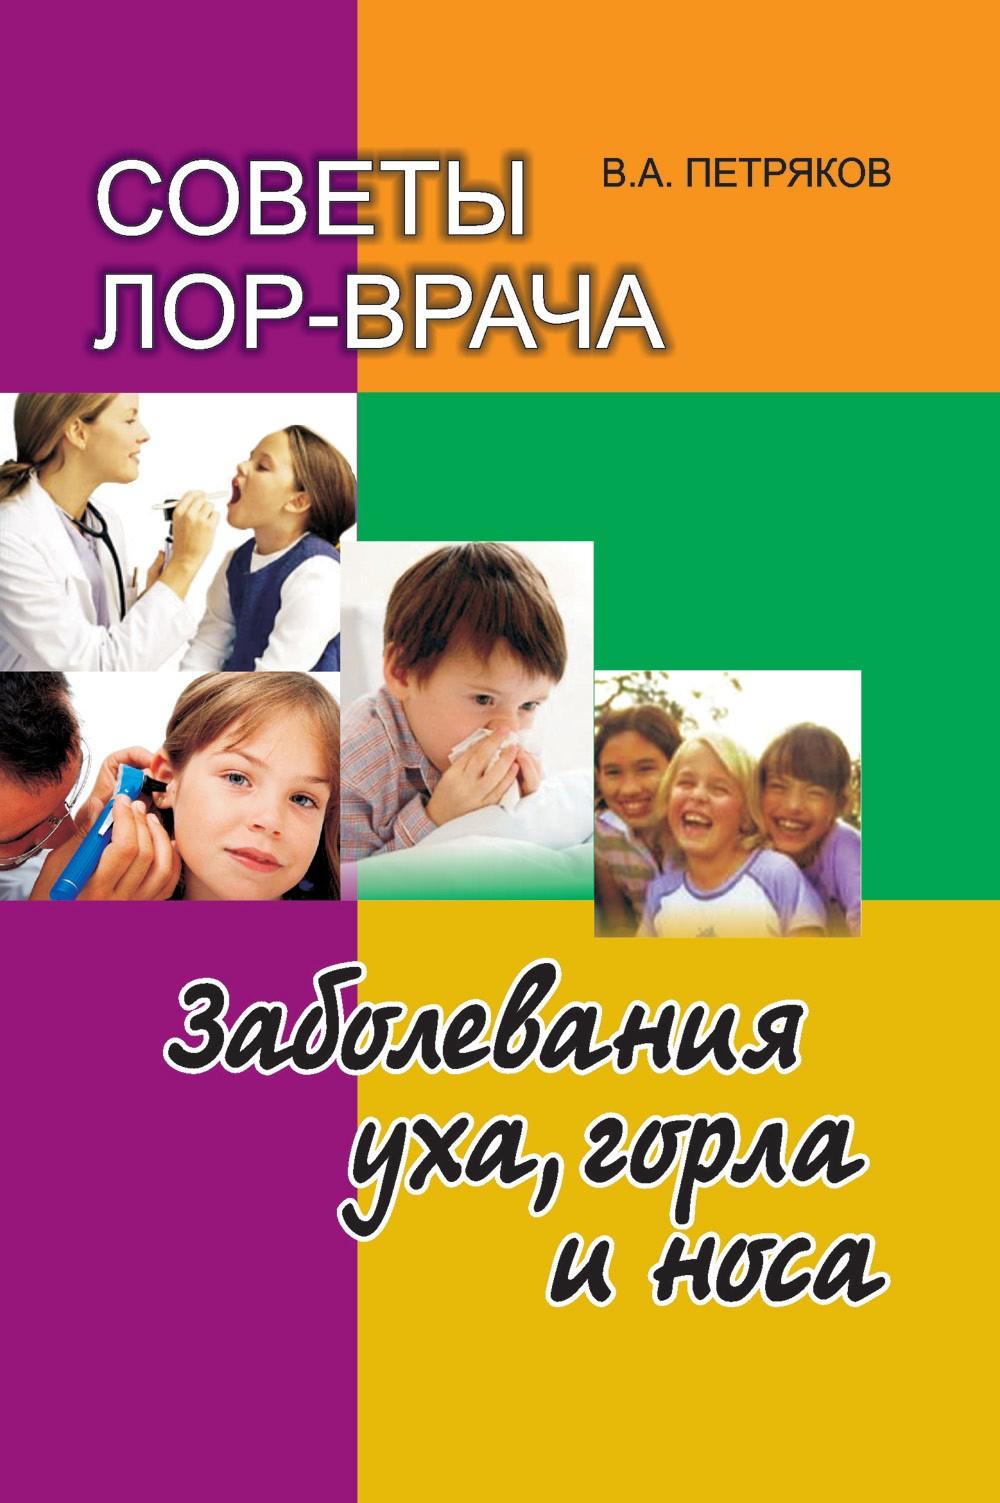 В. А. Петряков Советы лор-врача. Заболевания уха, горла и носа ананьева светлана валентиновна болезни уха горла носа